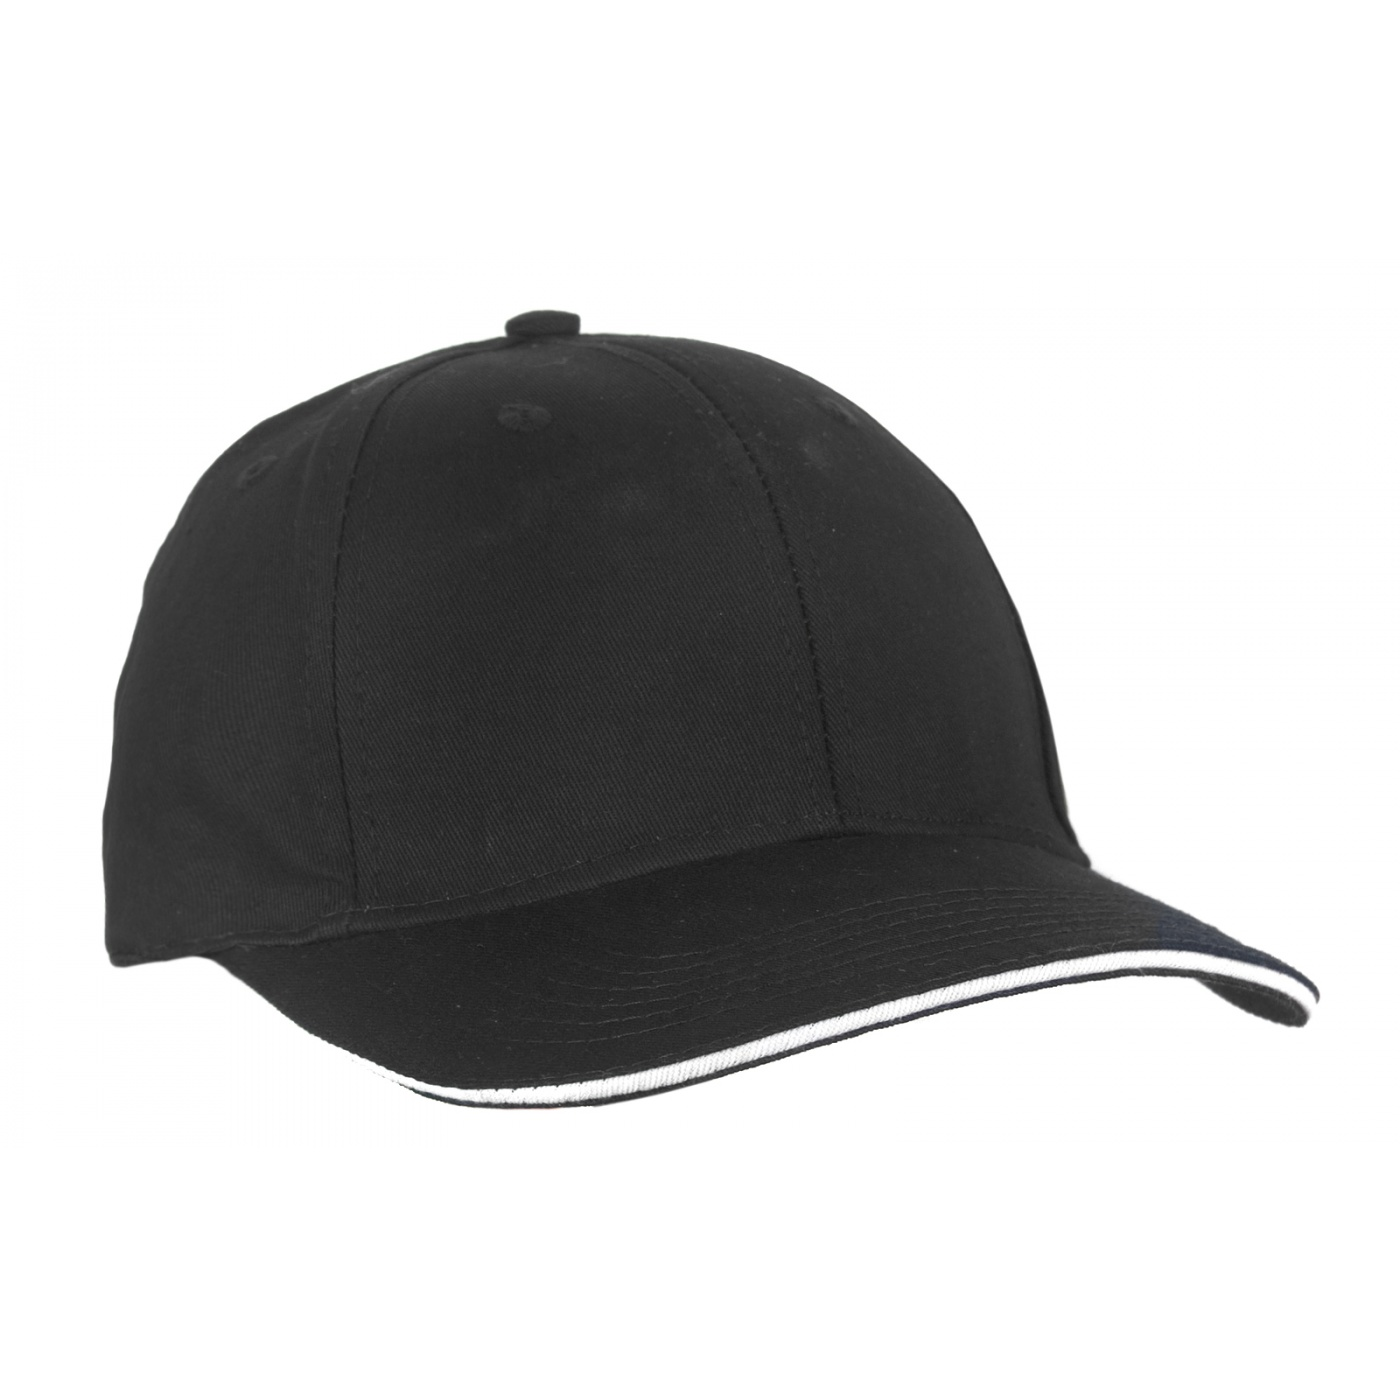 Czapka z daszkiem bejsbolówka – czarna z białym paskiem w daszku